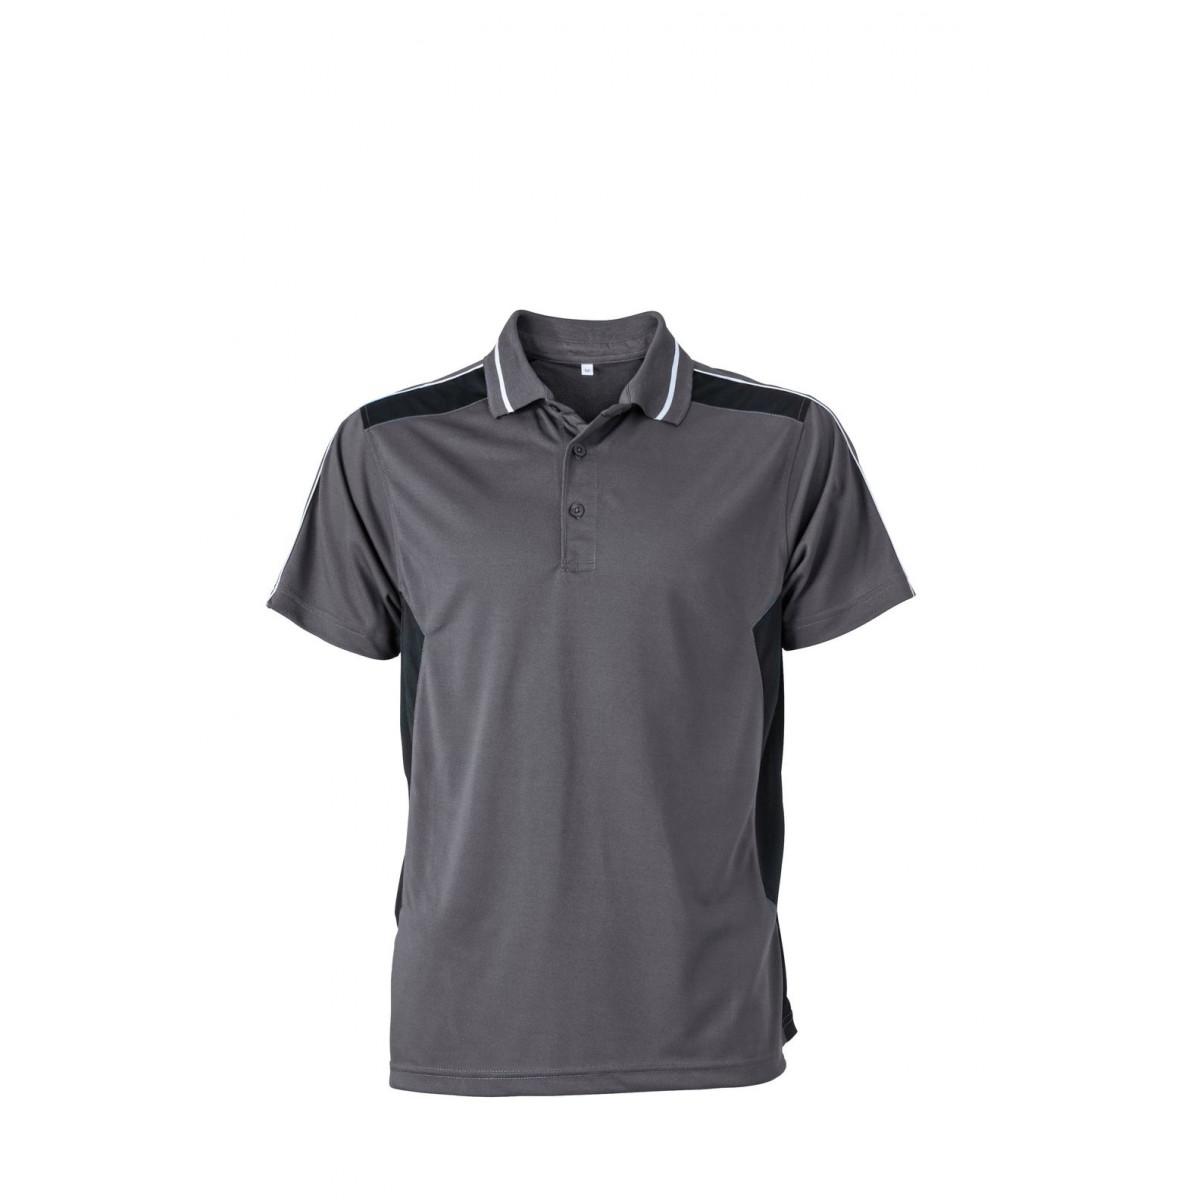 Рубашка поло мужская JN828 Craftsmen Poloshirt - Карбон/Черный